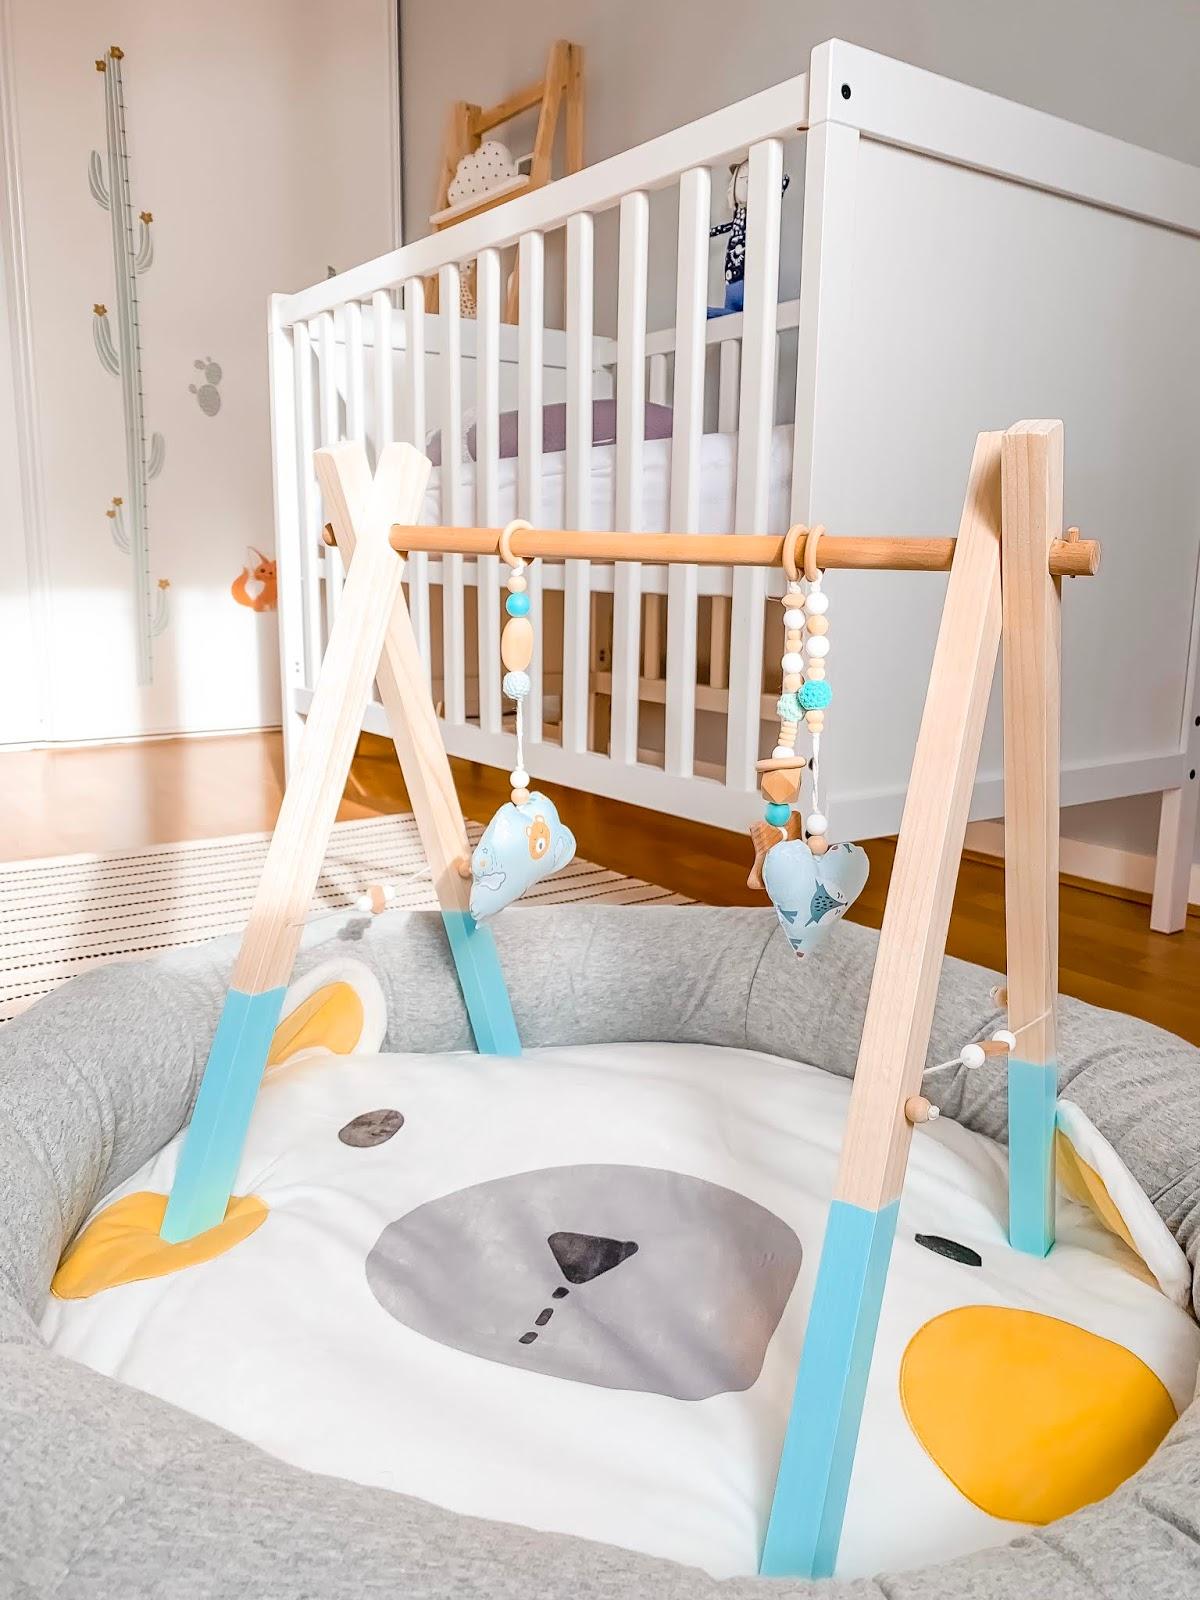 chambre bébé déco garcon nourisson décoration theme animaux renard de la foret mobilier accessoire